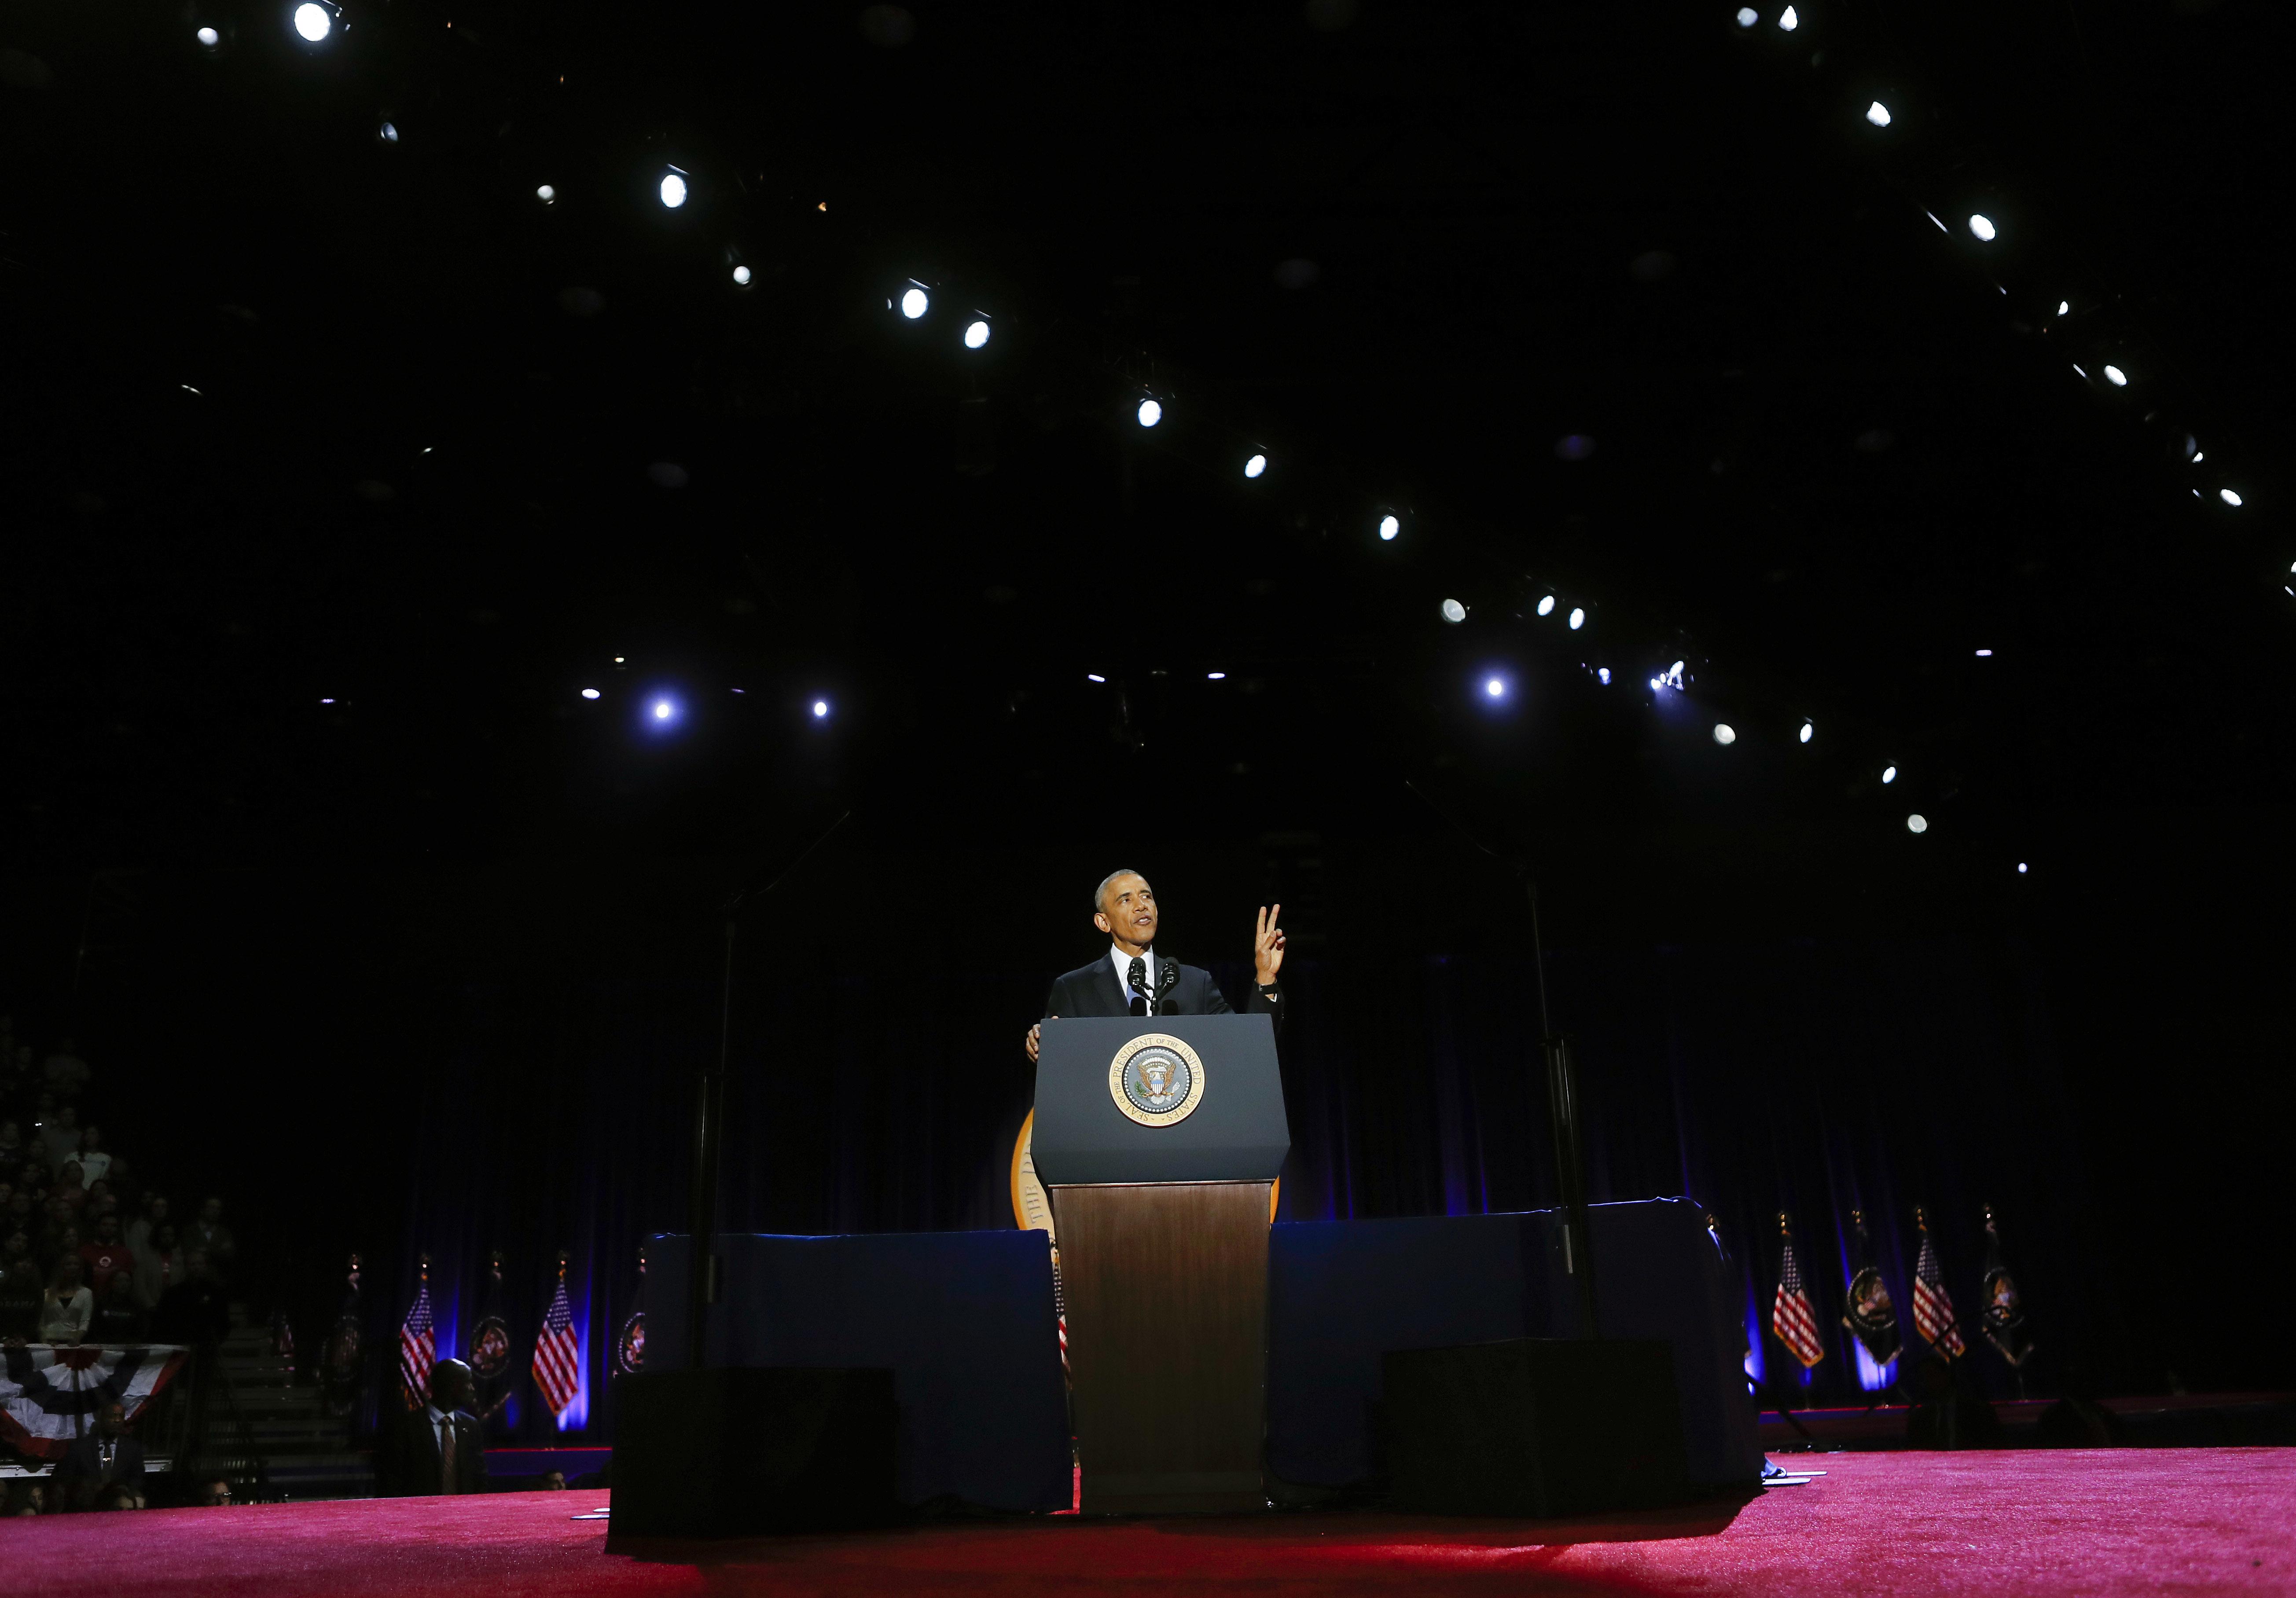 Obama dijo a sus seguidores que el futuro del país requiere del rescate de los valores fundamentales que marcaron la fundación de la nación para poder superar las diferencias (AP )